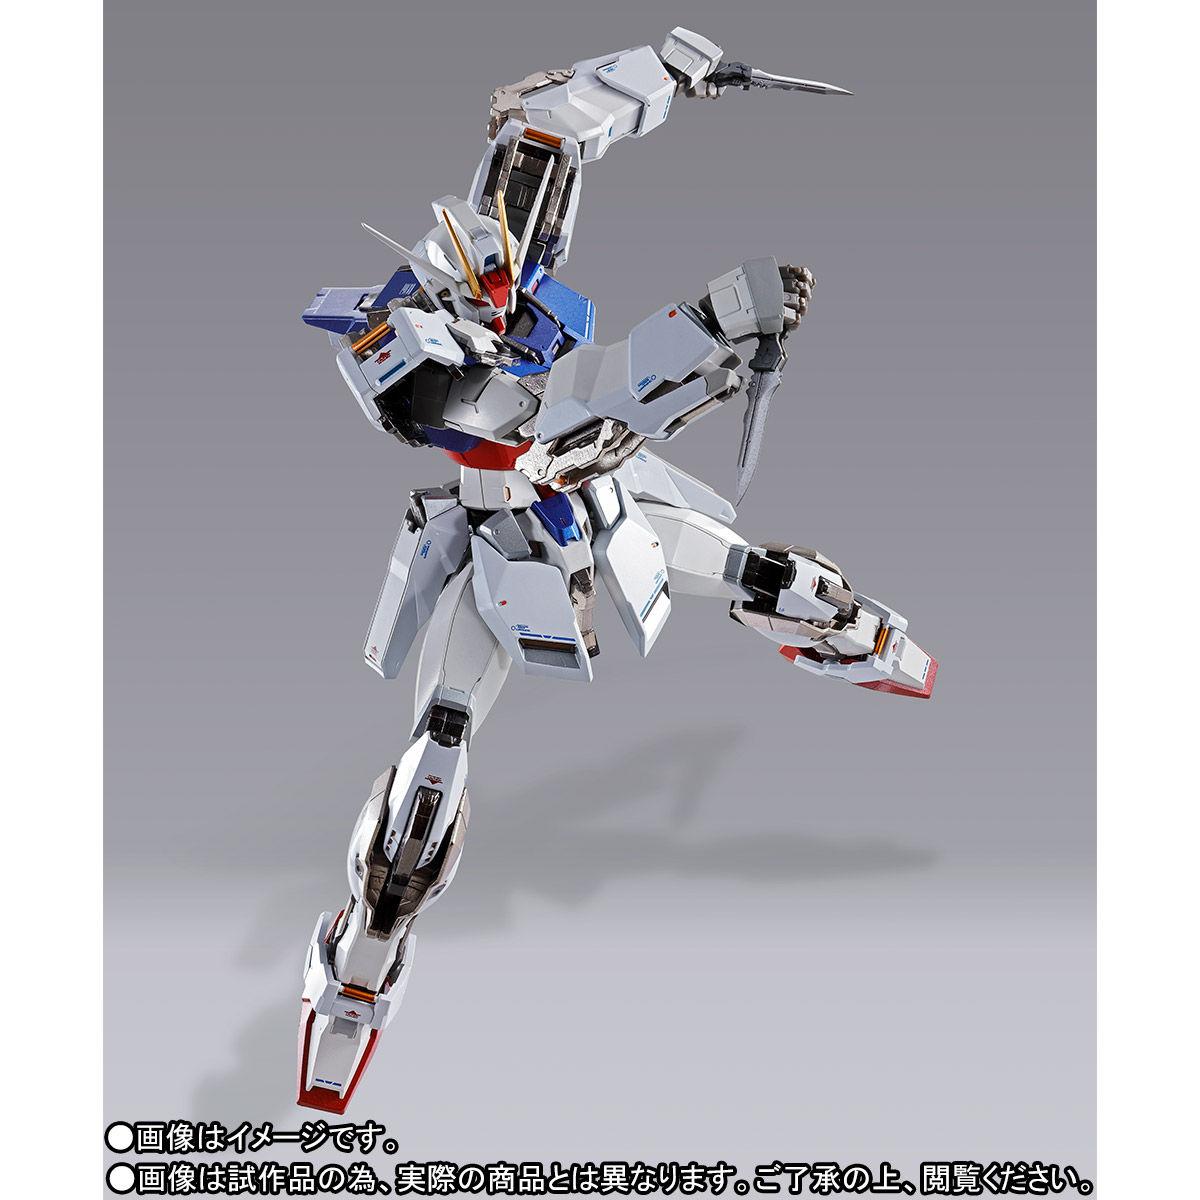 【受注販売】METAL BUILD『ストライクガンダム』機動戦士ガンダムSEED 可動フィギュア-008